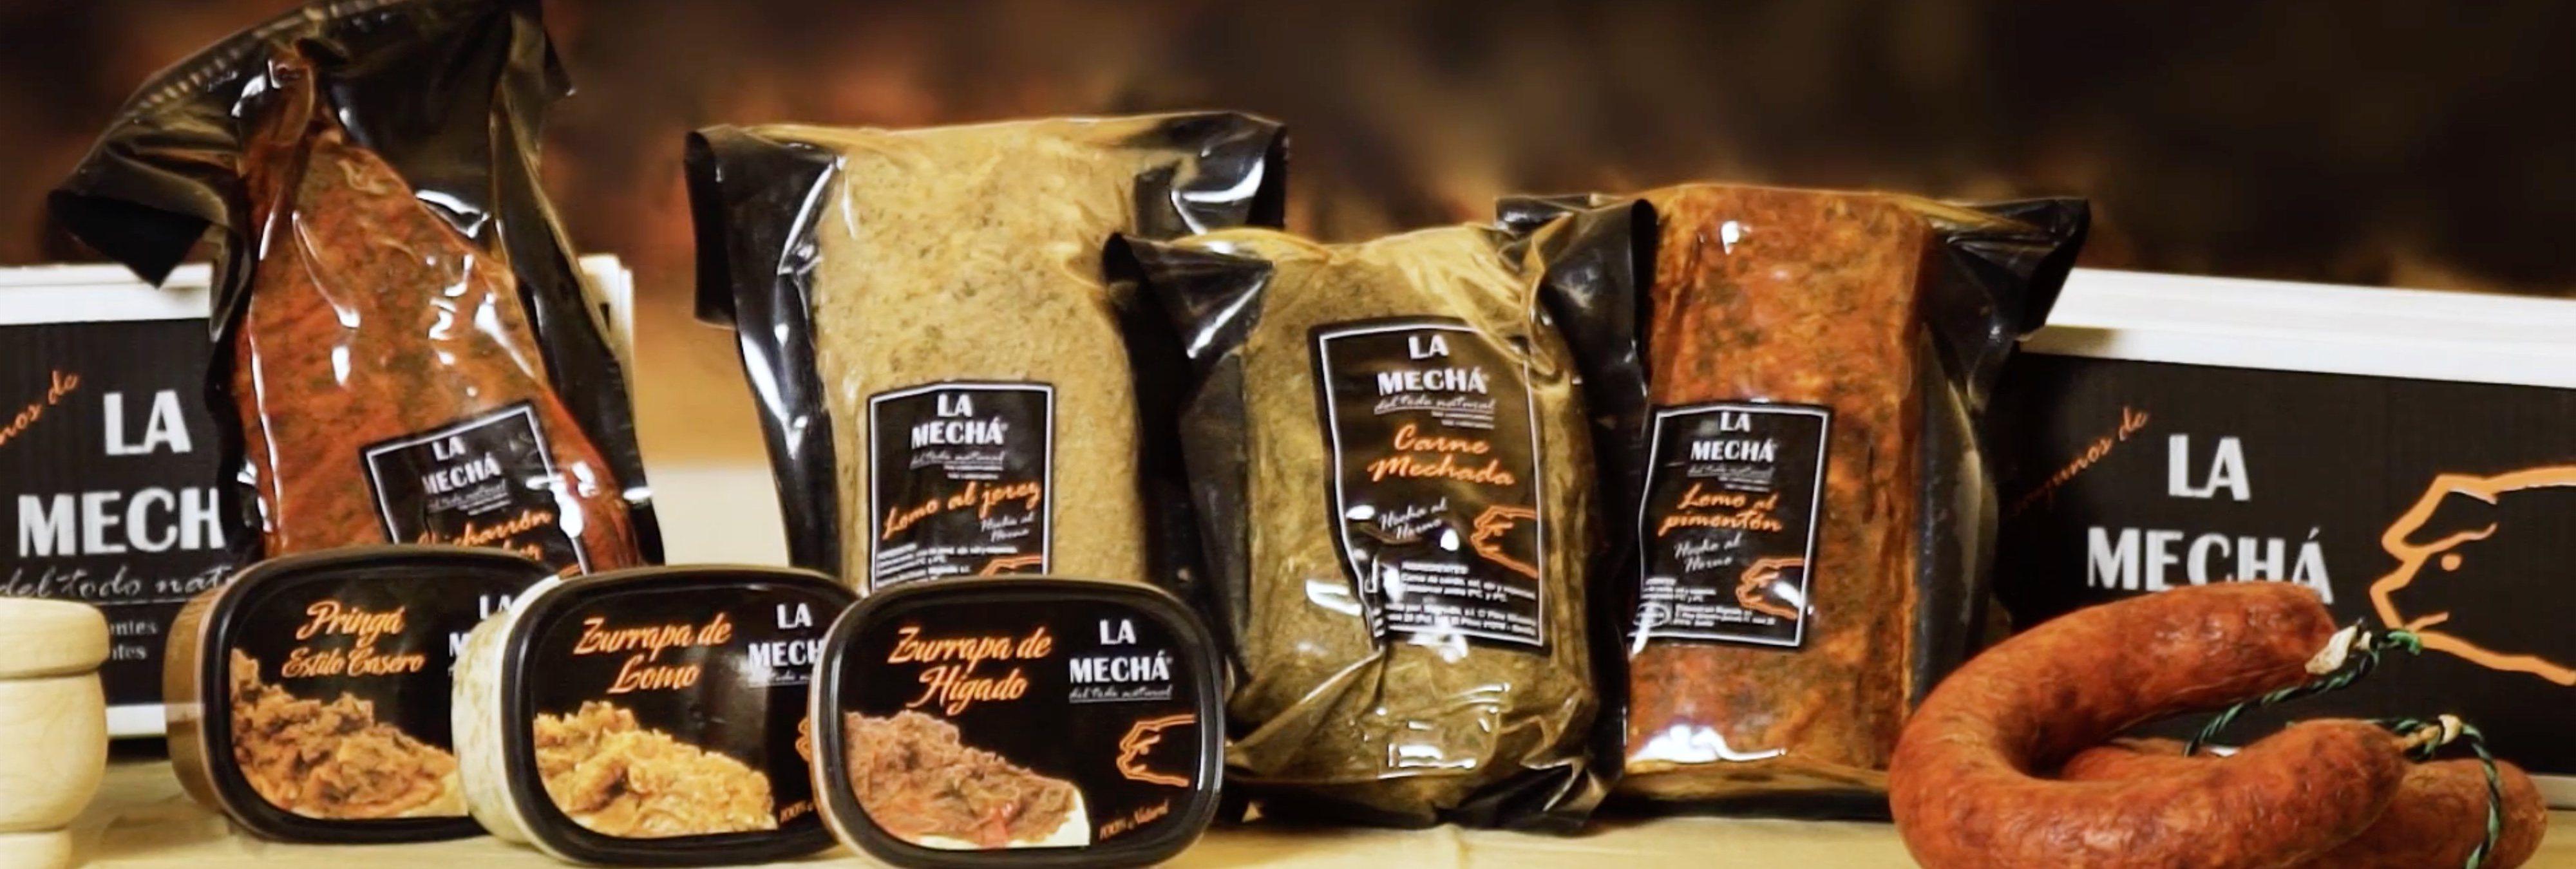 Todos los productos de Magrudis, la dueña de La Mechá, retirados por el brote de listeria